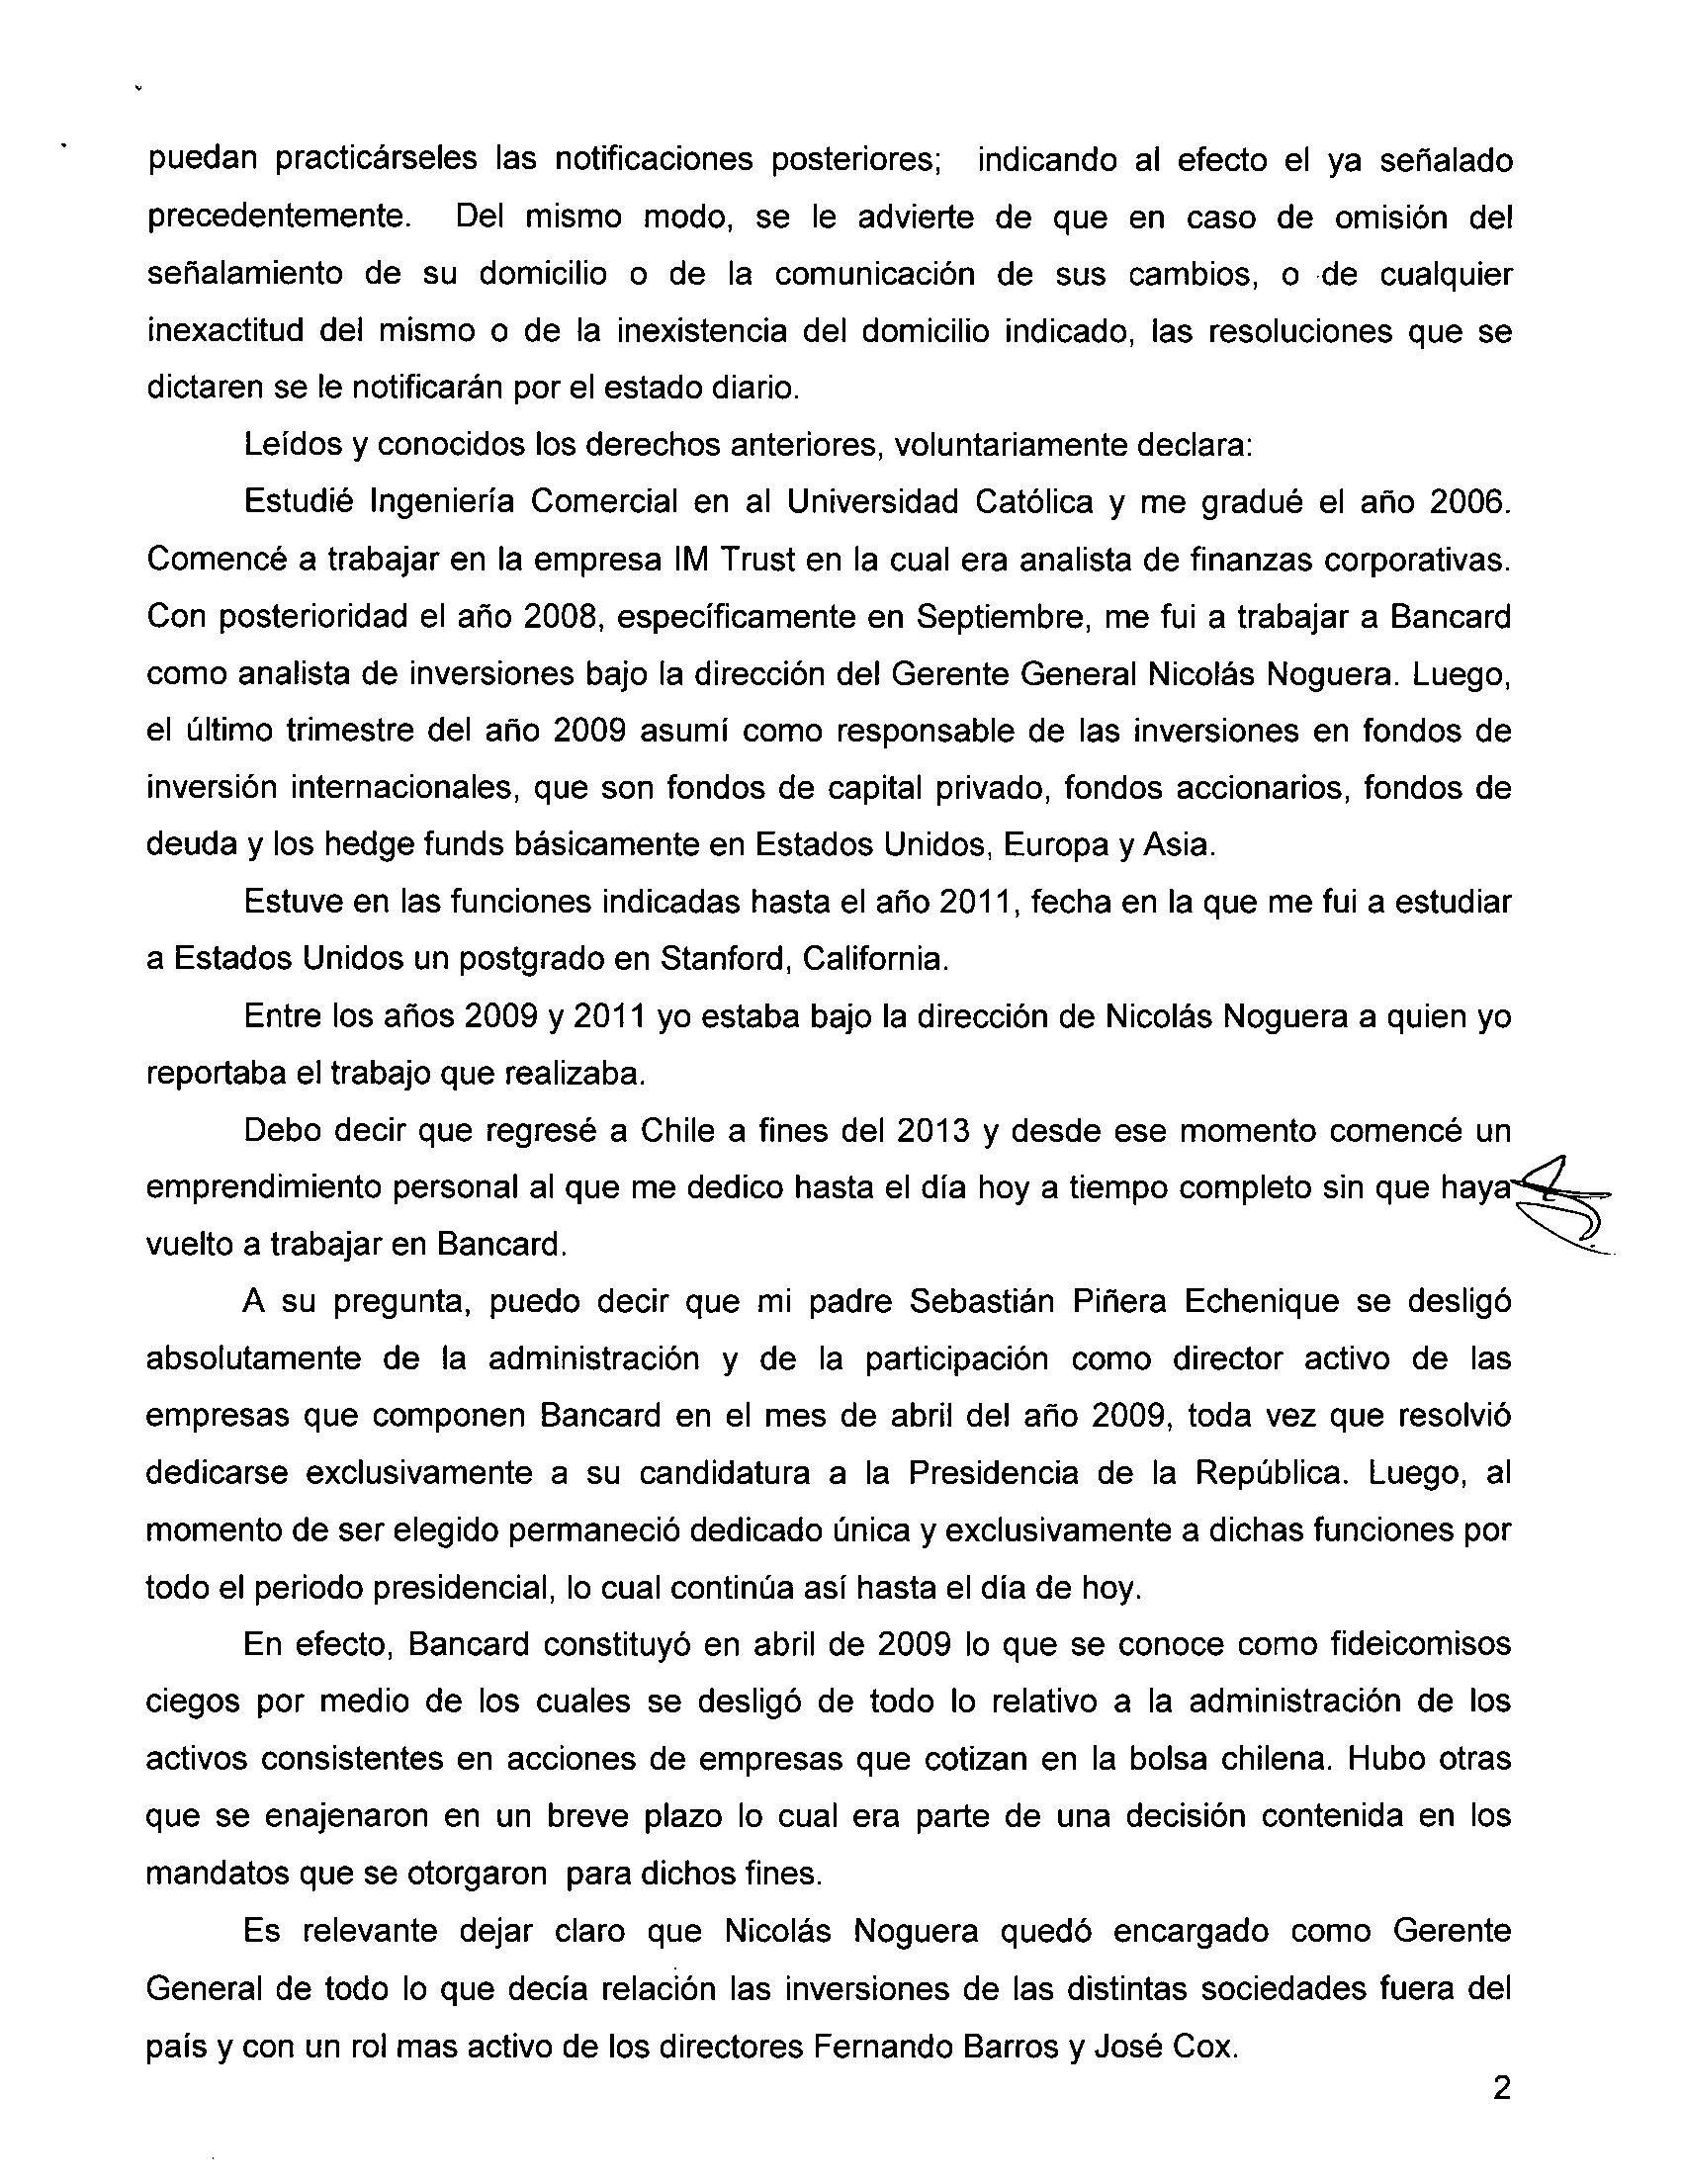 Declaración de Piñera Morel